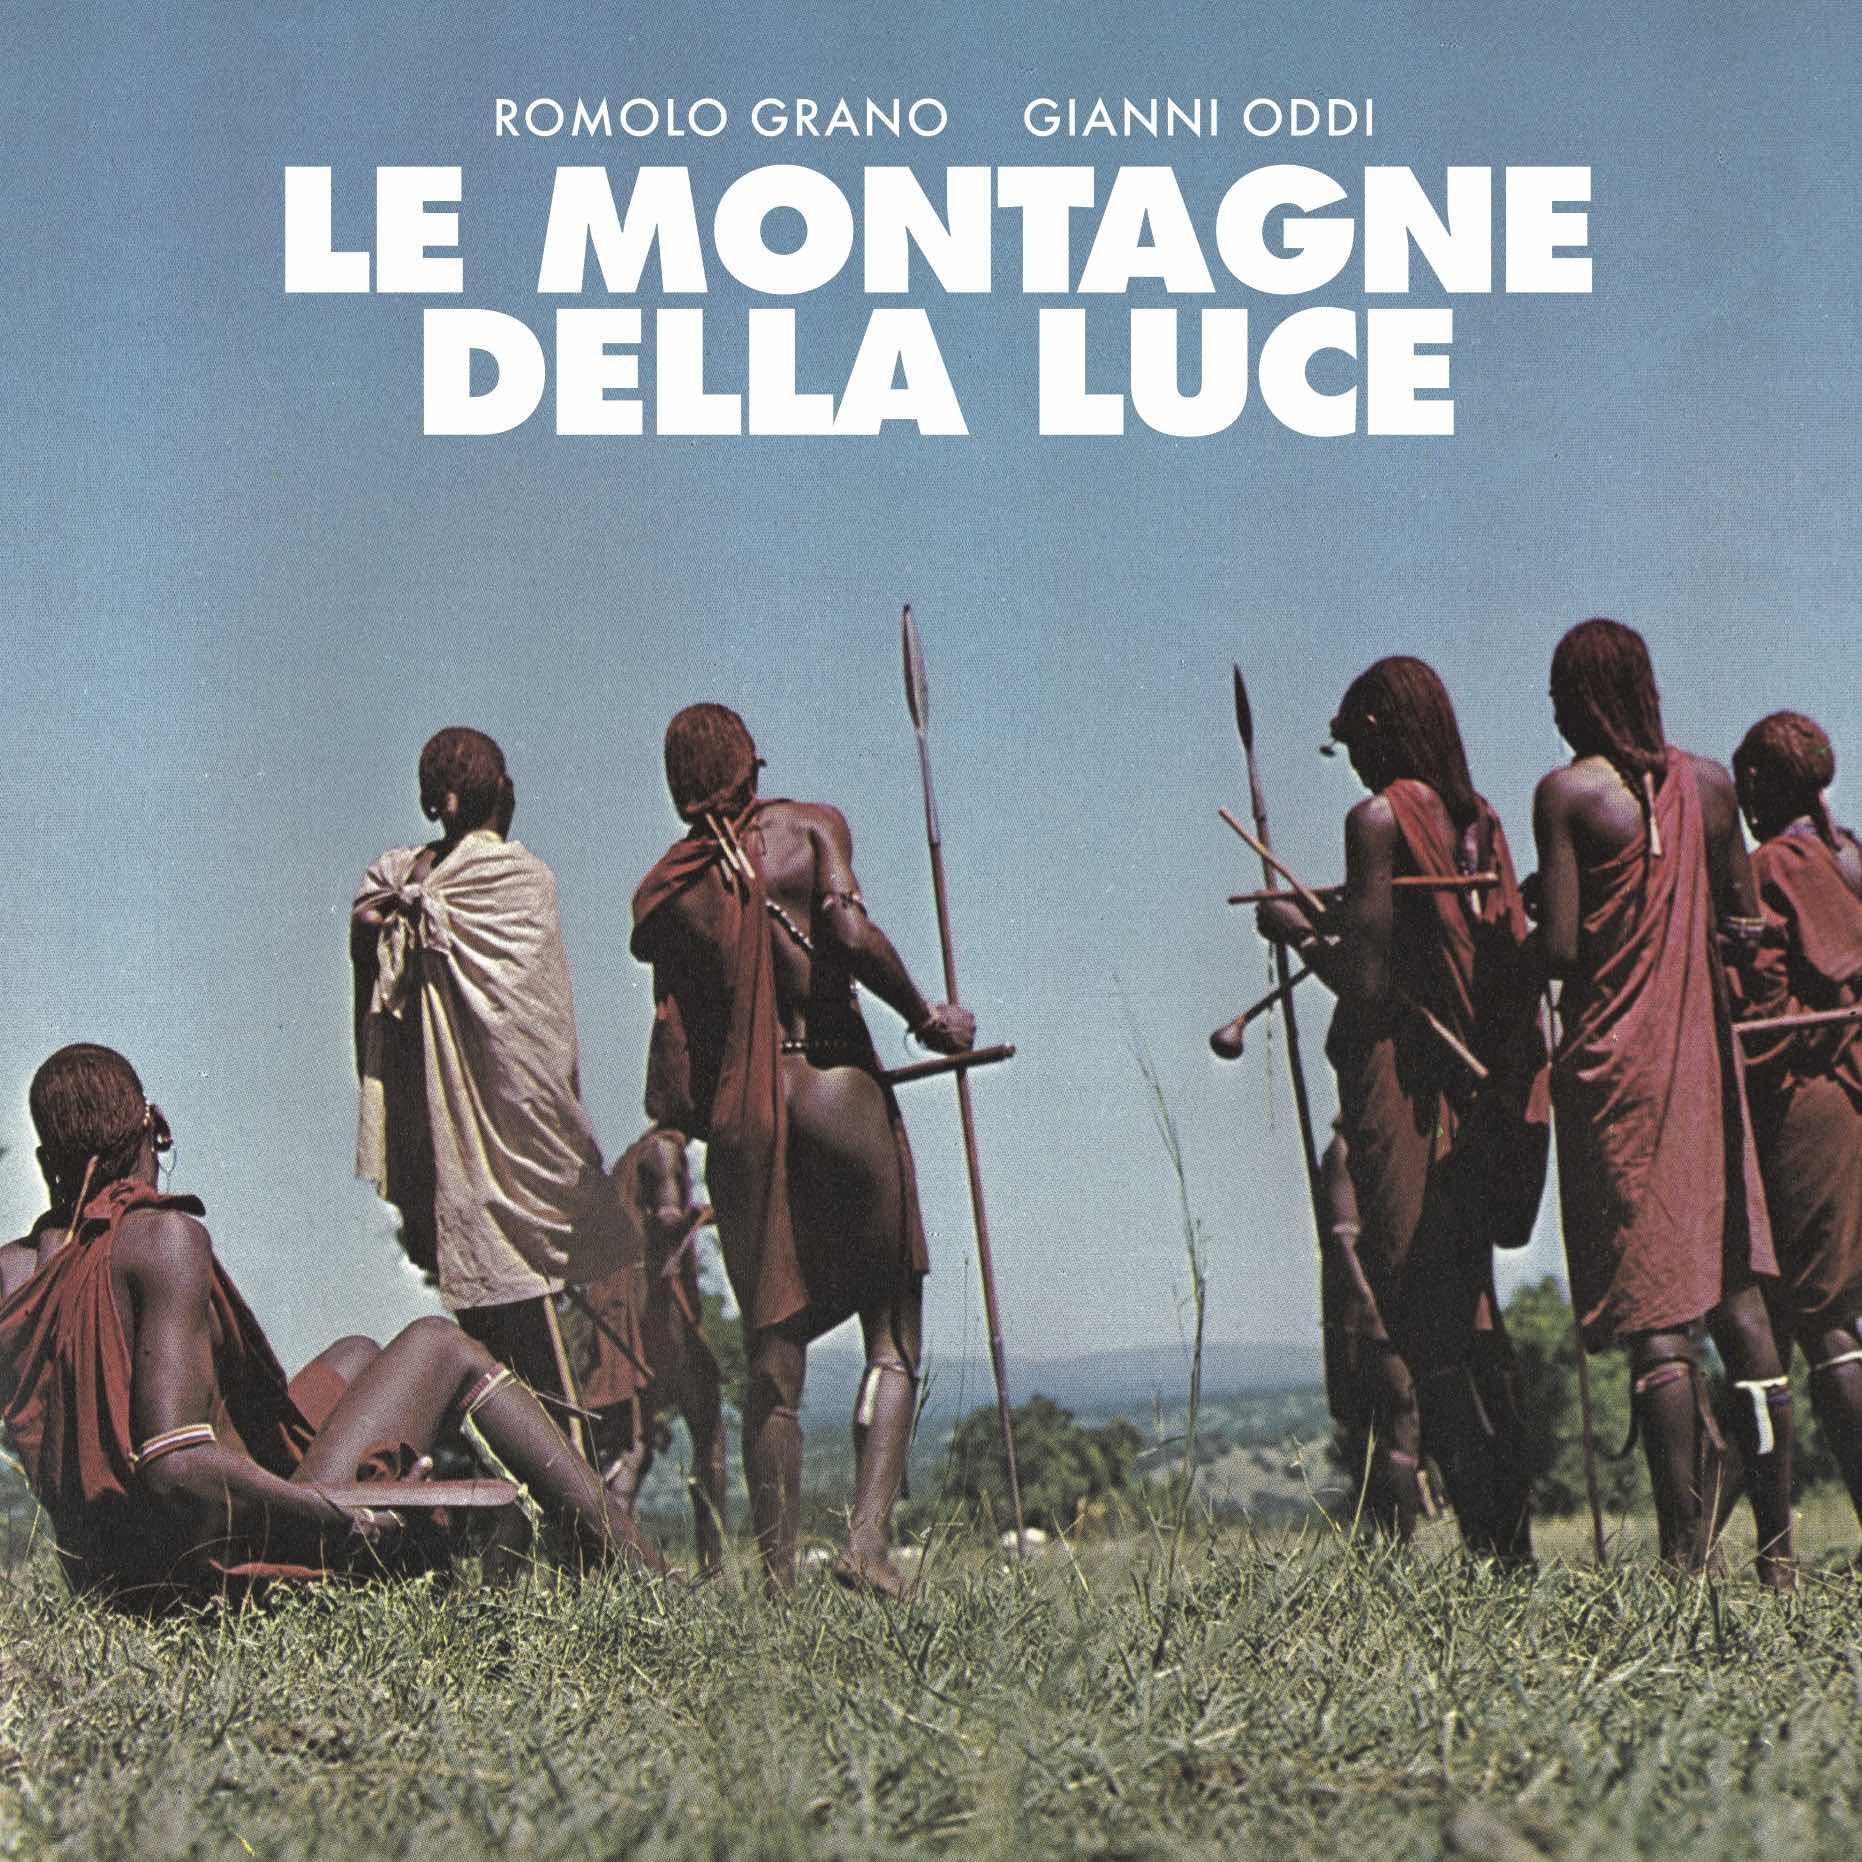 LE MONTAGNE DELLA LUCE (12